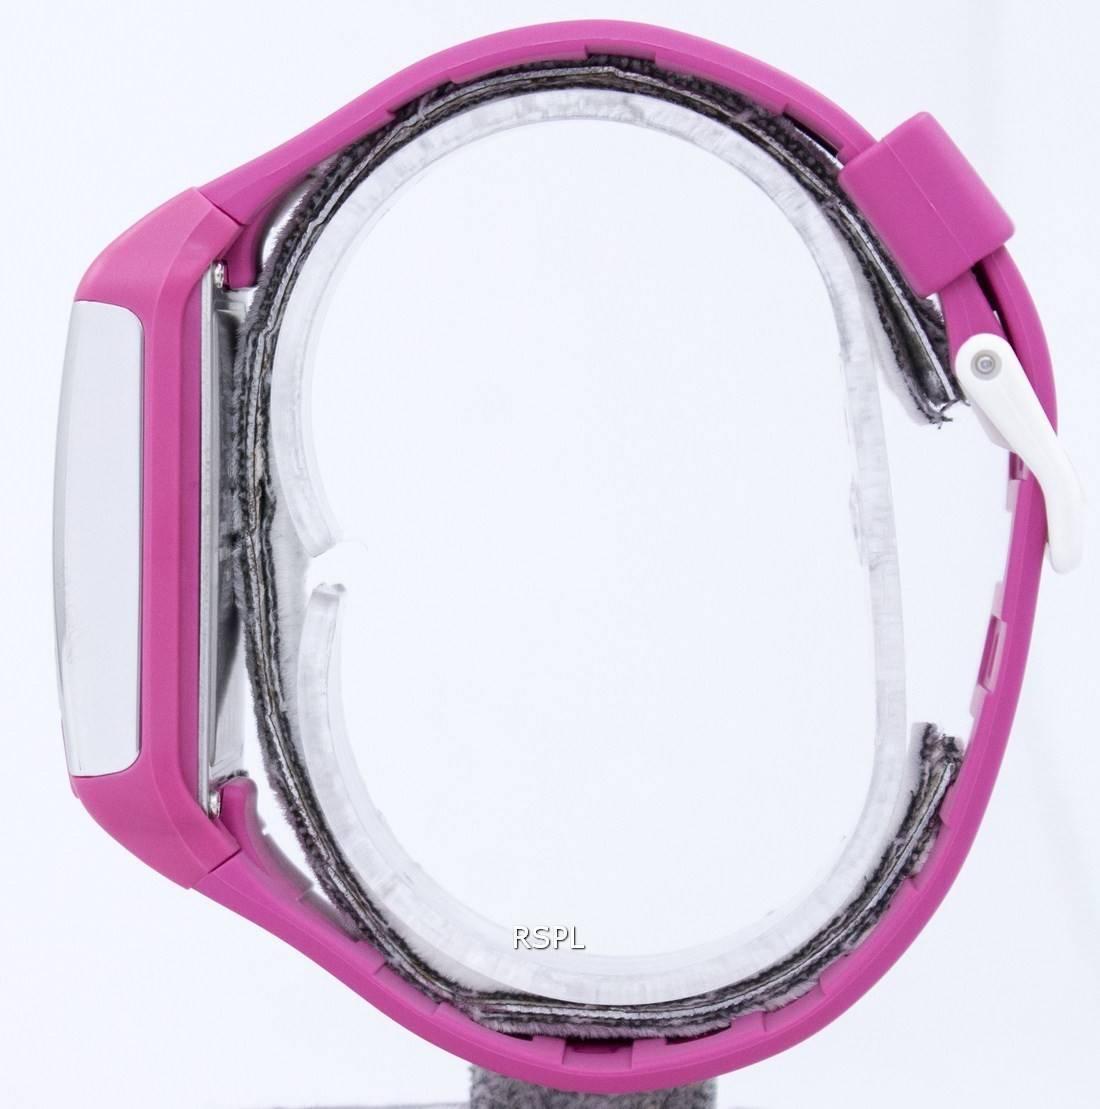 Montre Casio Poptone heure double alarme numérique LDF 52 4  0cQVq